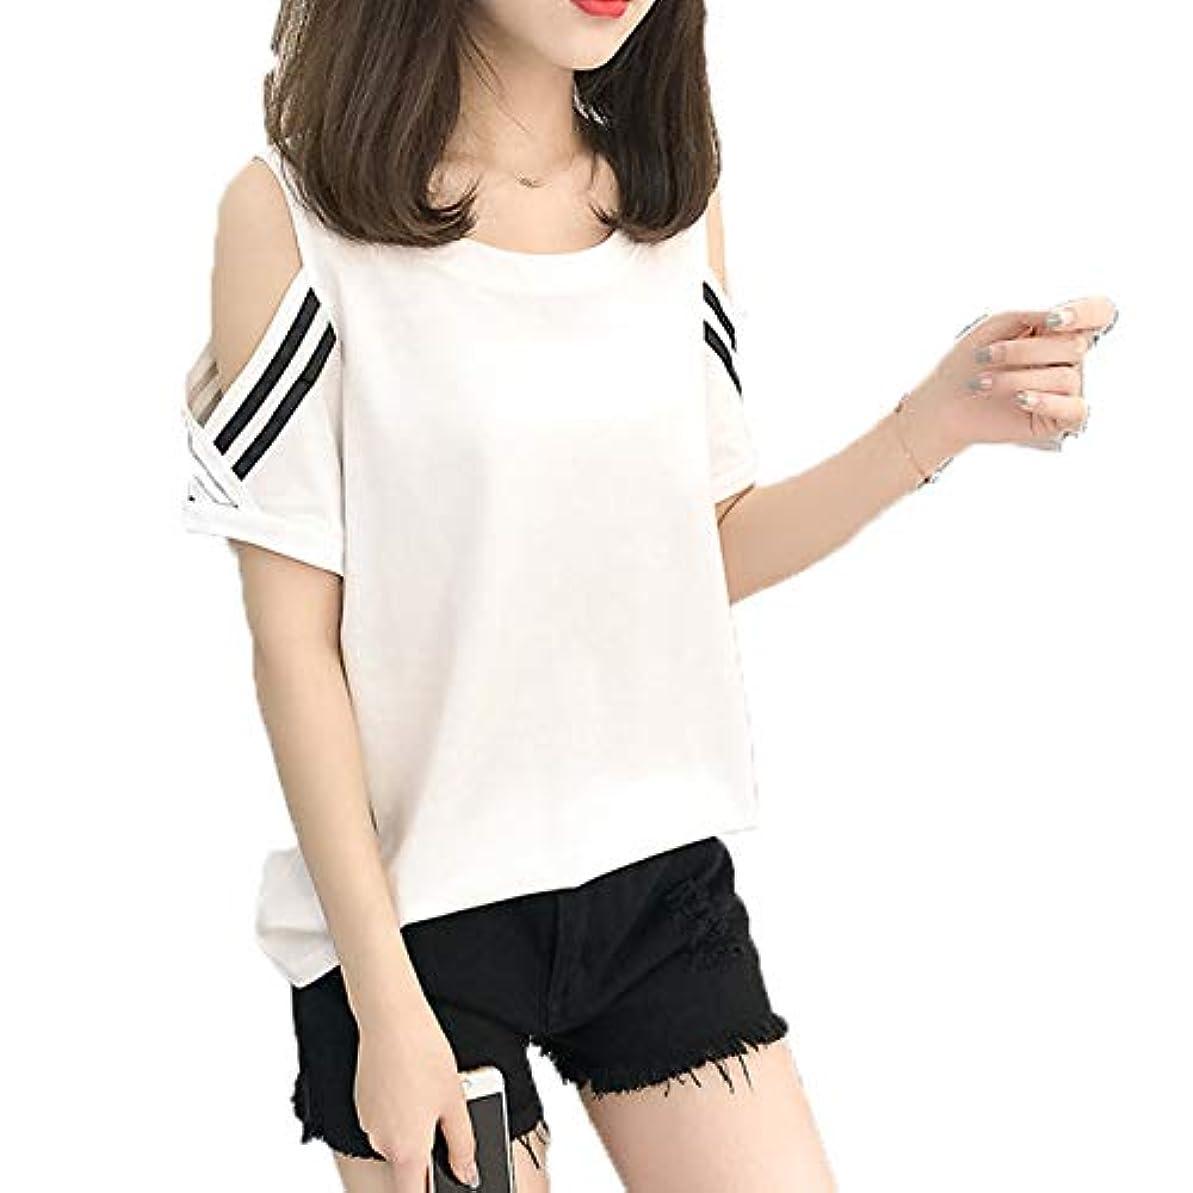 子孫写真撮影品種[ココチエ] Tシャツ ライン プルオーバー レディース 肩出し 半袖 かっこいい かわいい おしゃれ レッド イエロー ホワイト